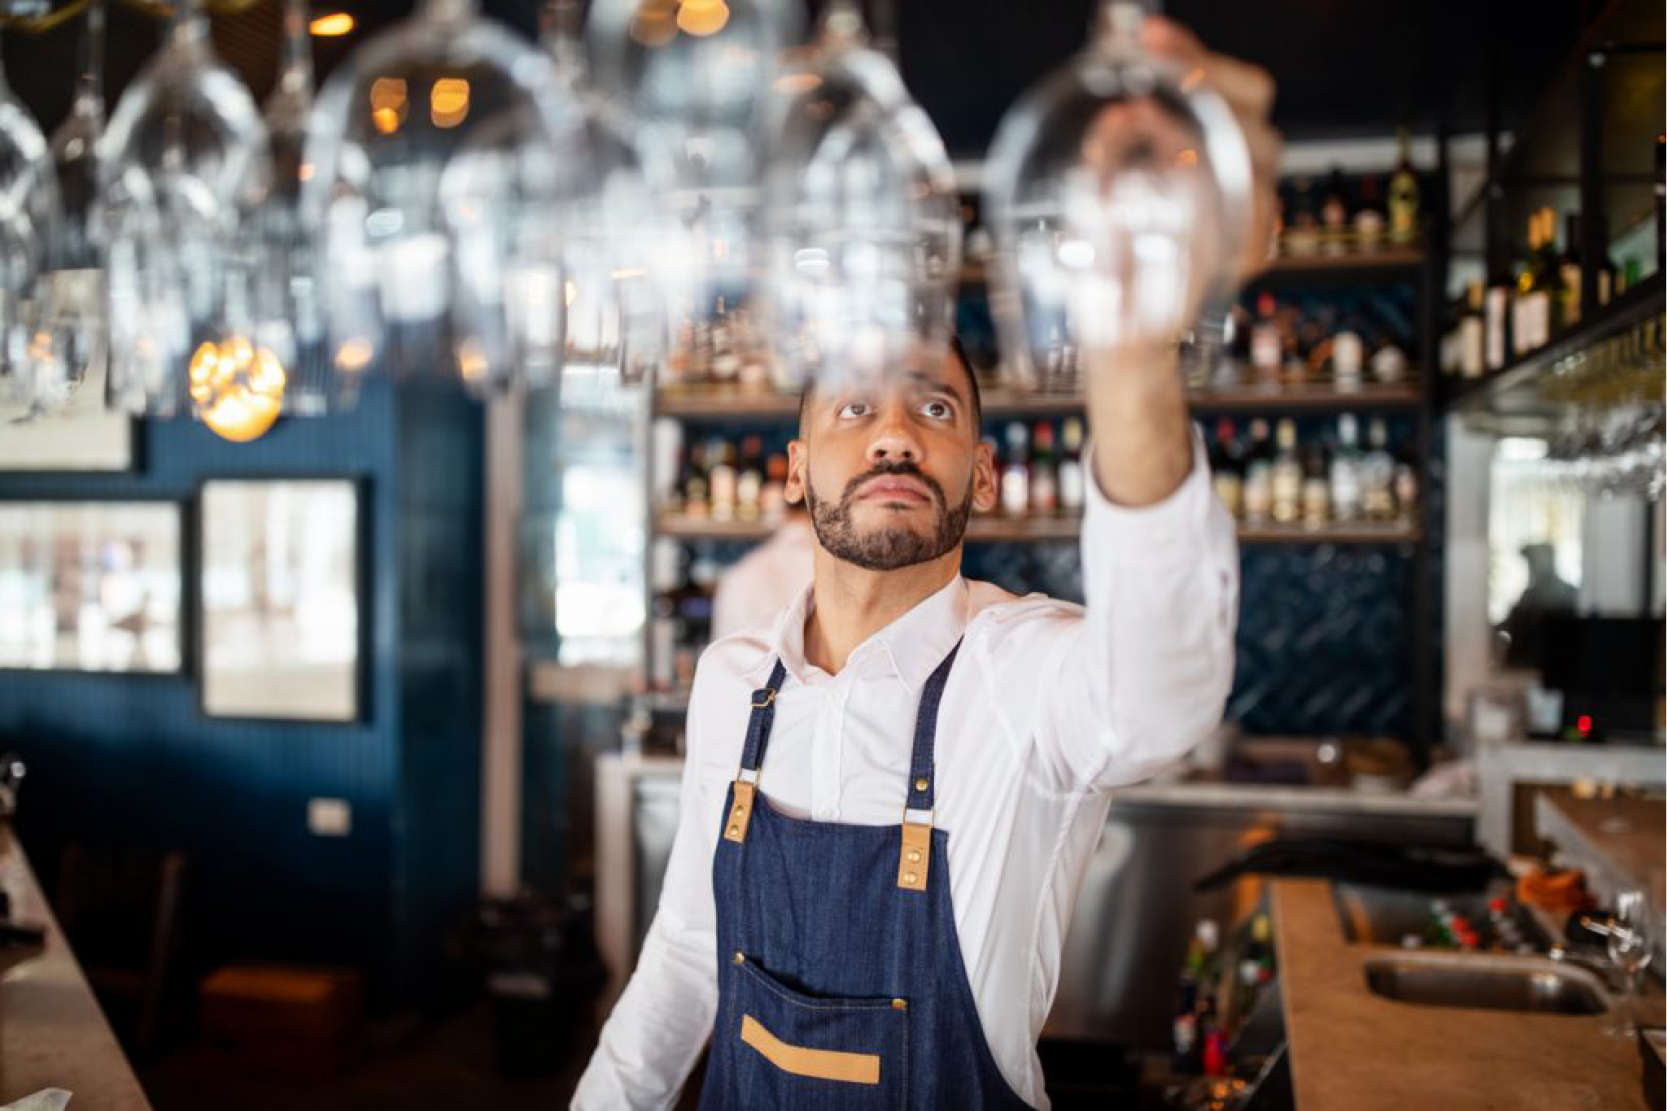 Restaurant Liquor Liability Insurance Hertvik